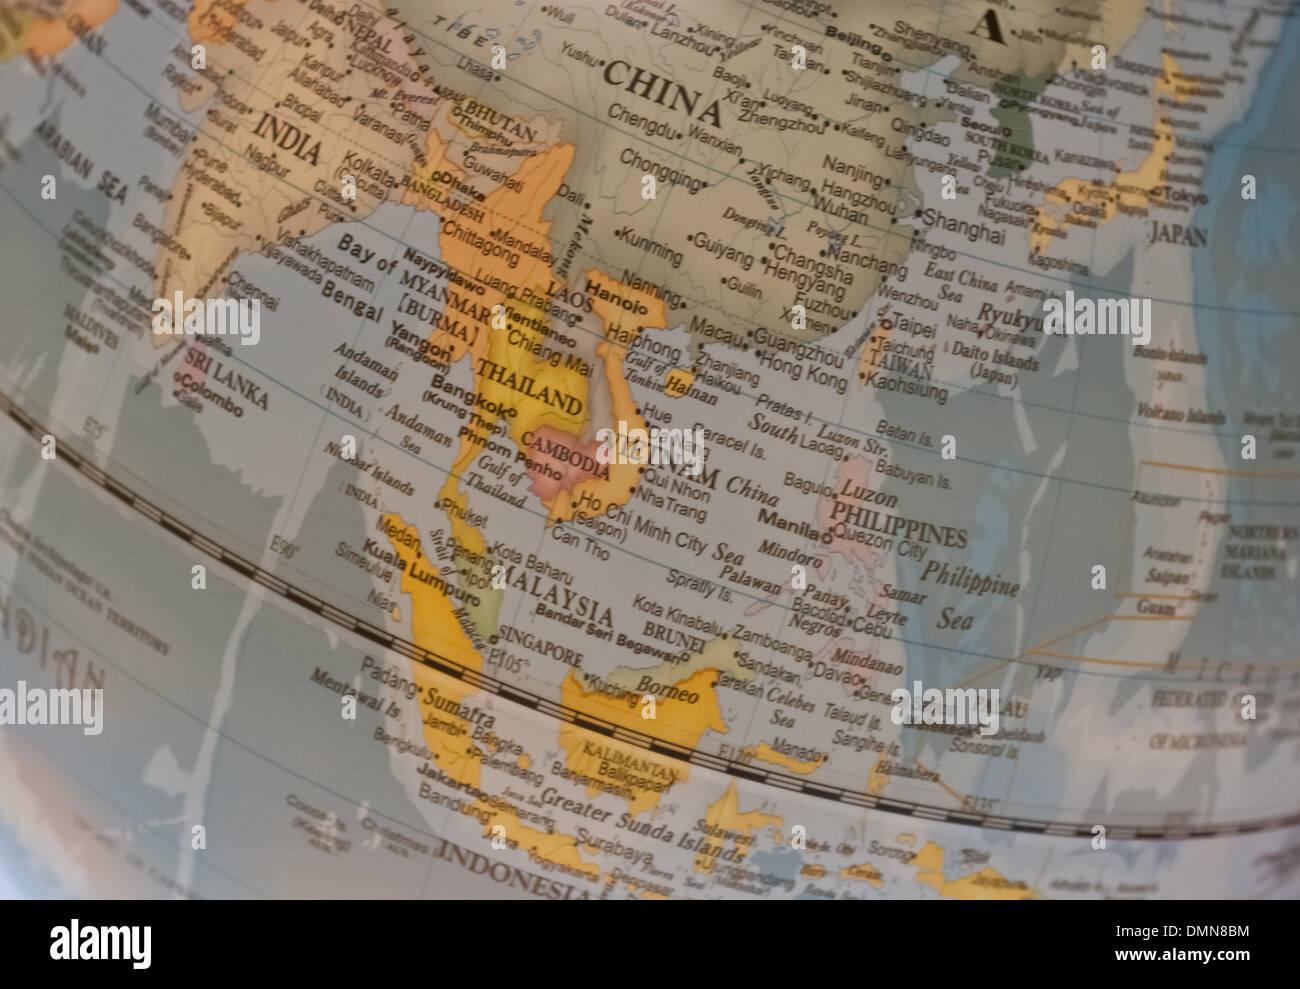 Asien Länder Karte.Süd Ost Asien Länder Karte Auf Einem Globus Stockfoto Bild